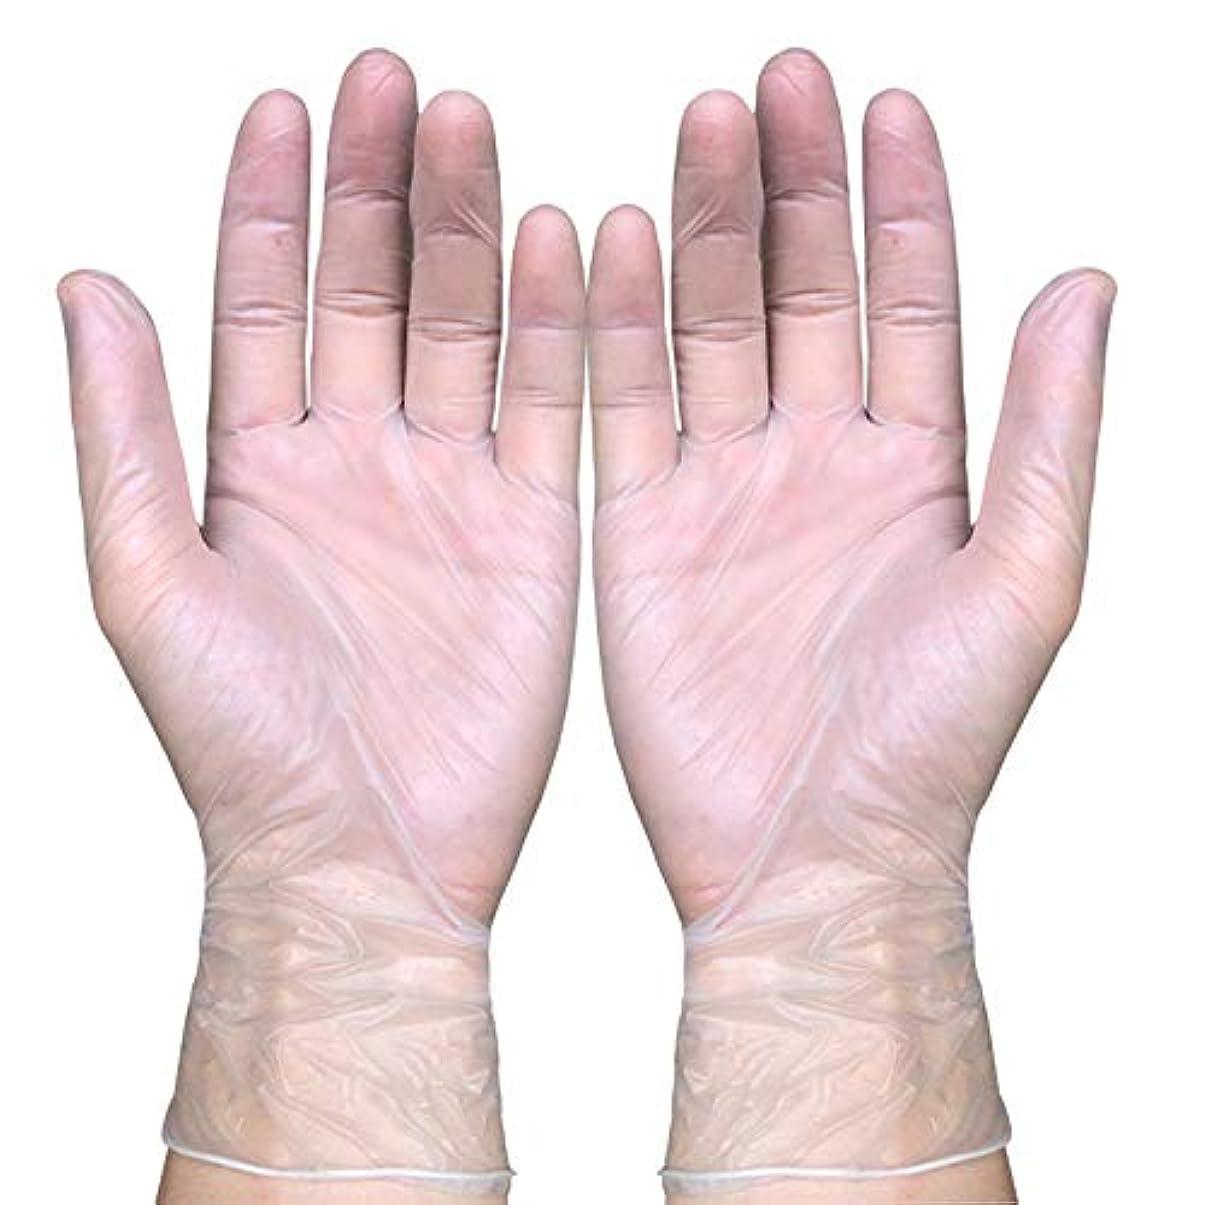 妨げる究極の問題使い捨て医療ビニール検査用手袋、液体、血液、検査、ヘルスケア、食品の取り扱い粉なし、100カウント,S